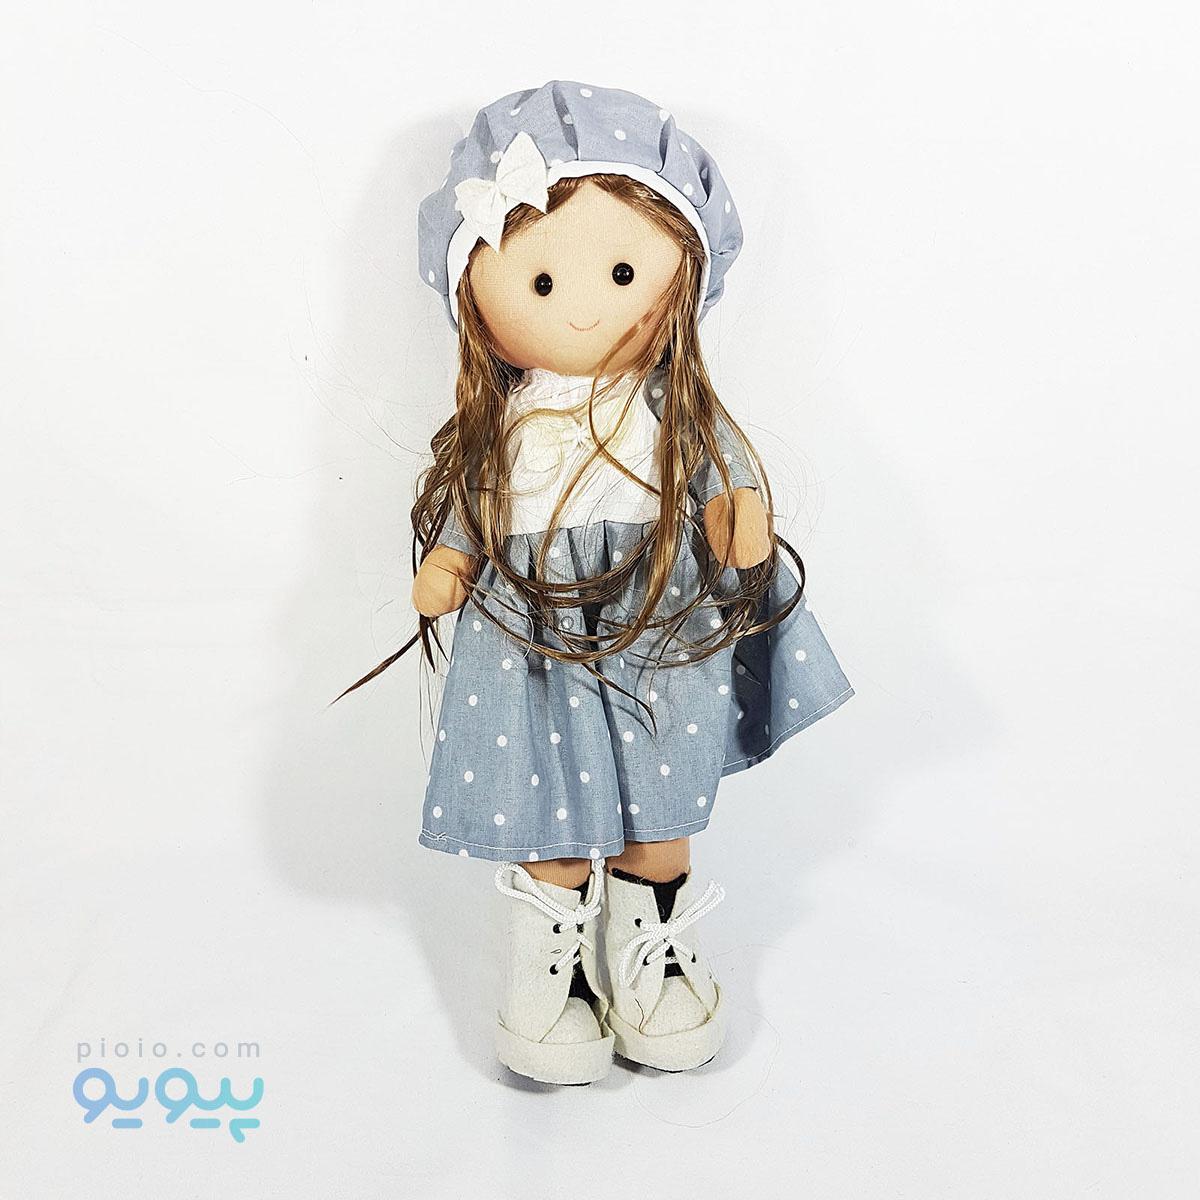 عروسک دختر روسی ارزان مدل لباس طوسی ۳۷ سانتی |